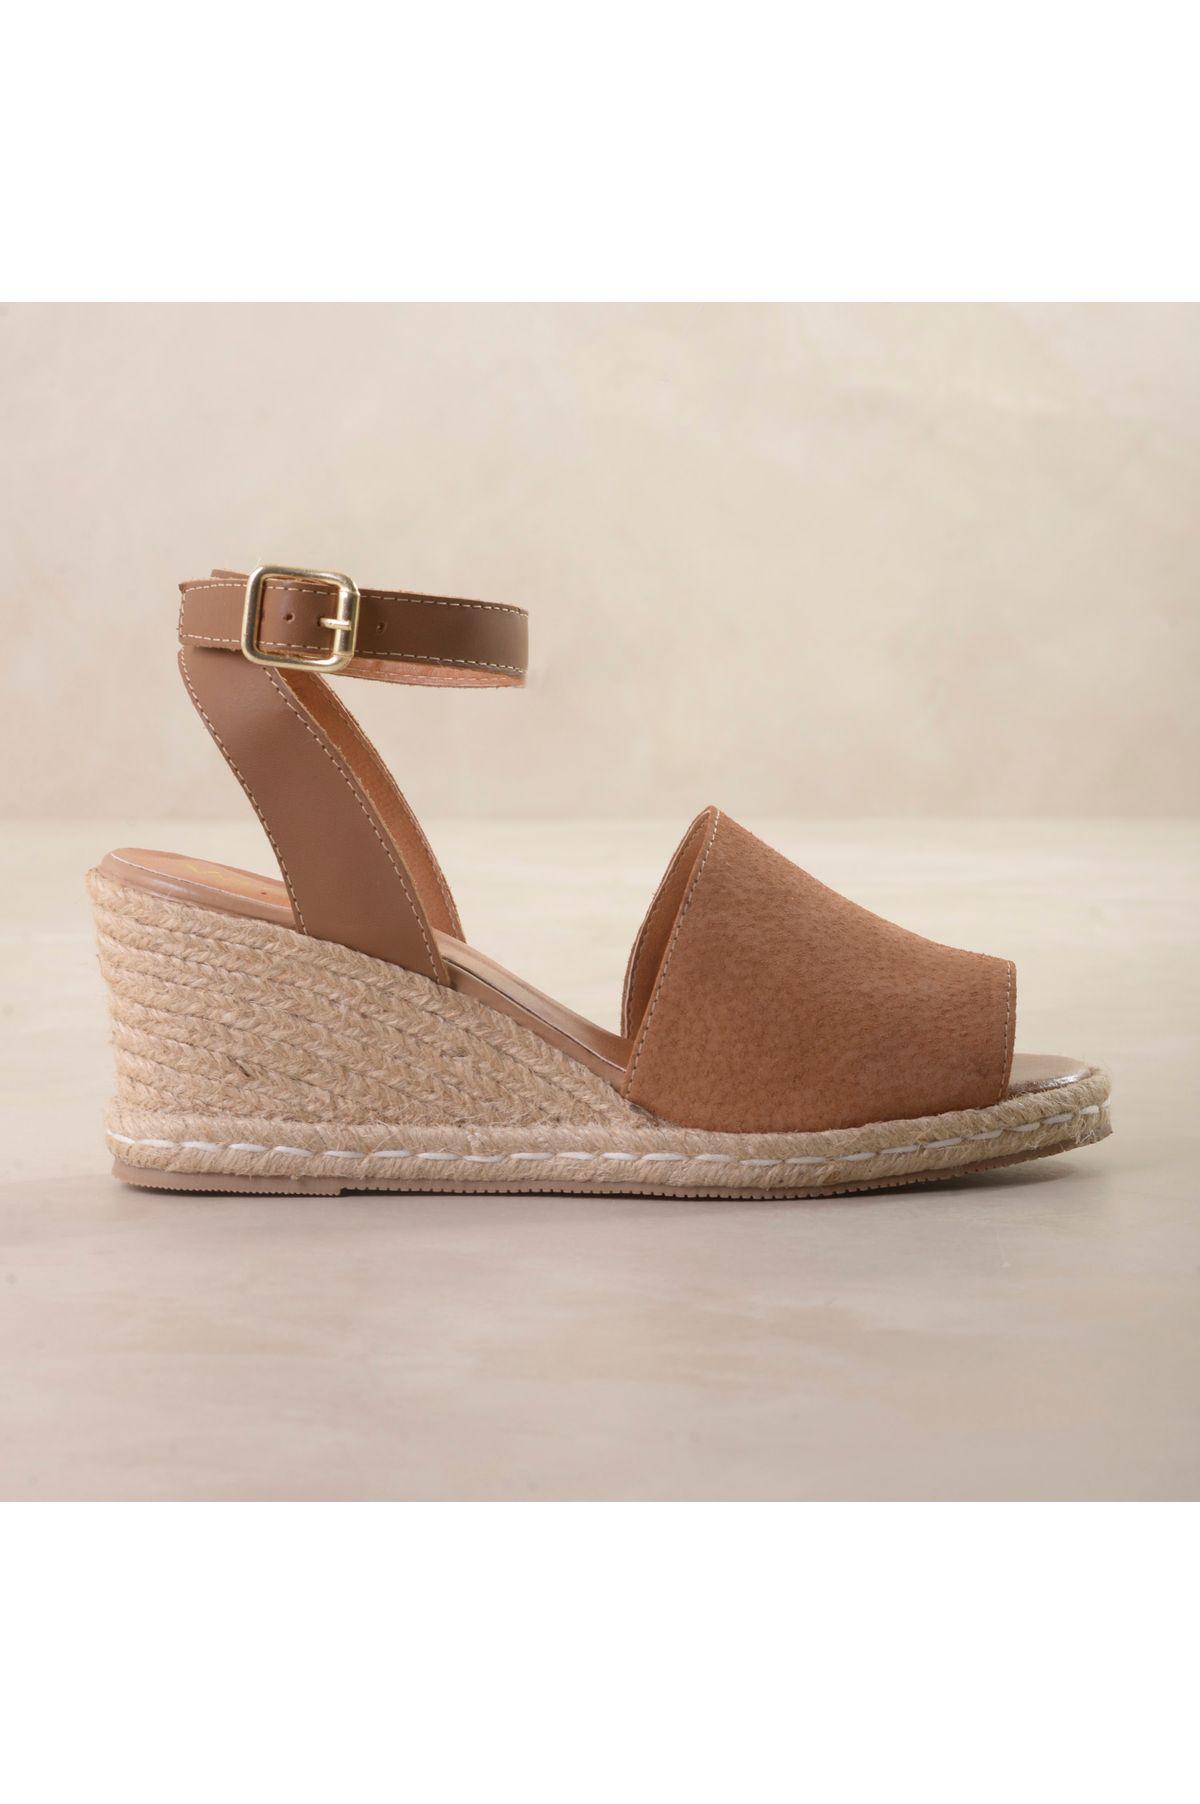 796f258835 Sandália Anabela Vernon Tilda | Mundial Calçados - Mundial Calçados